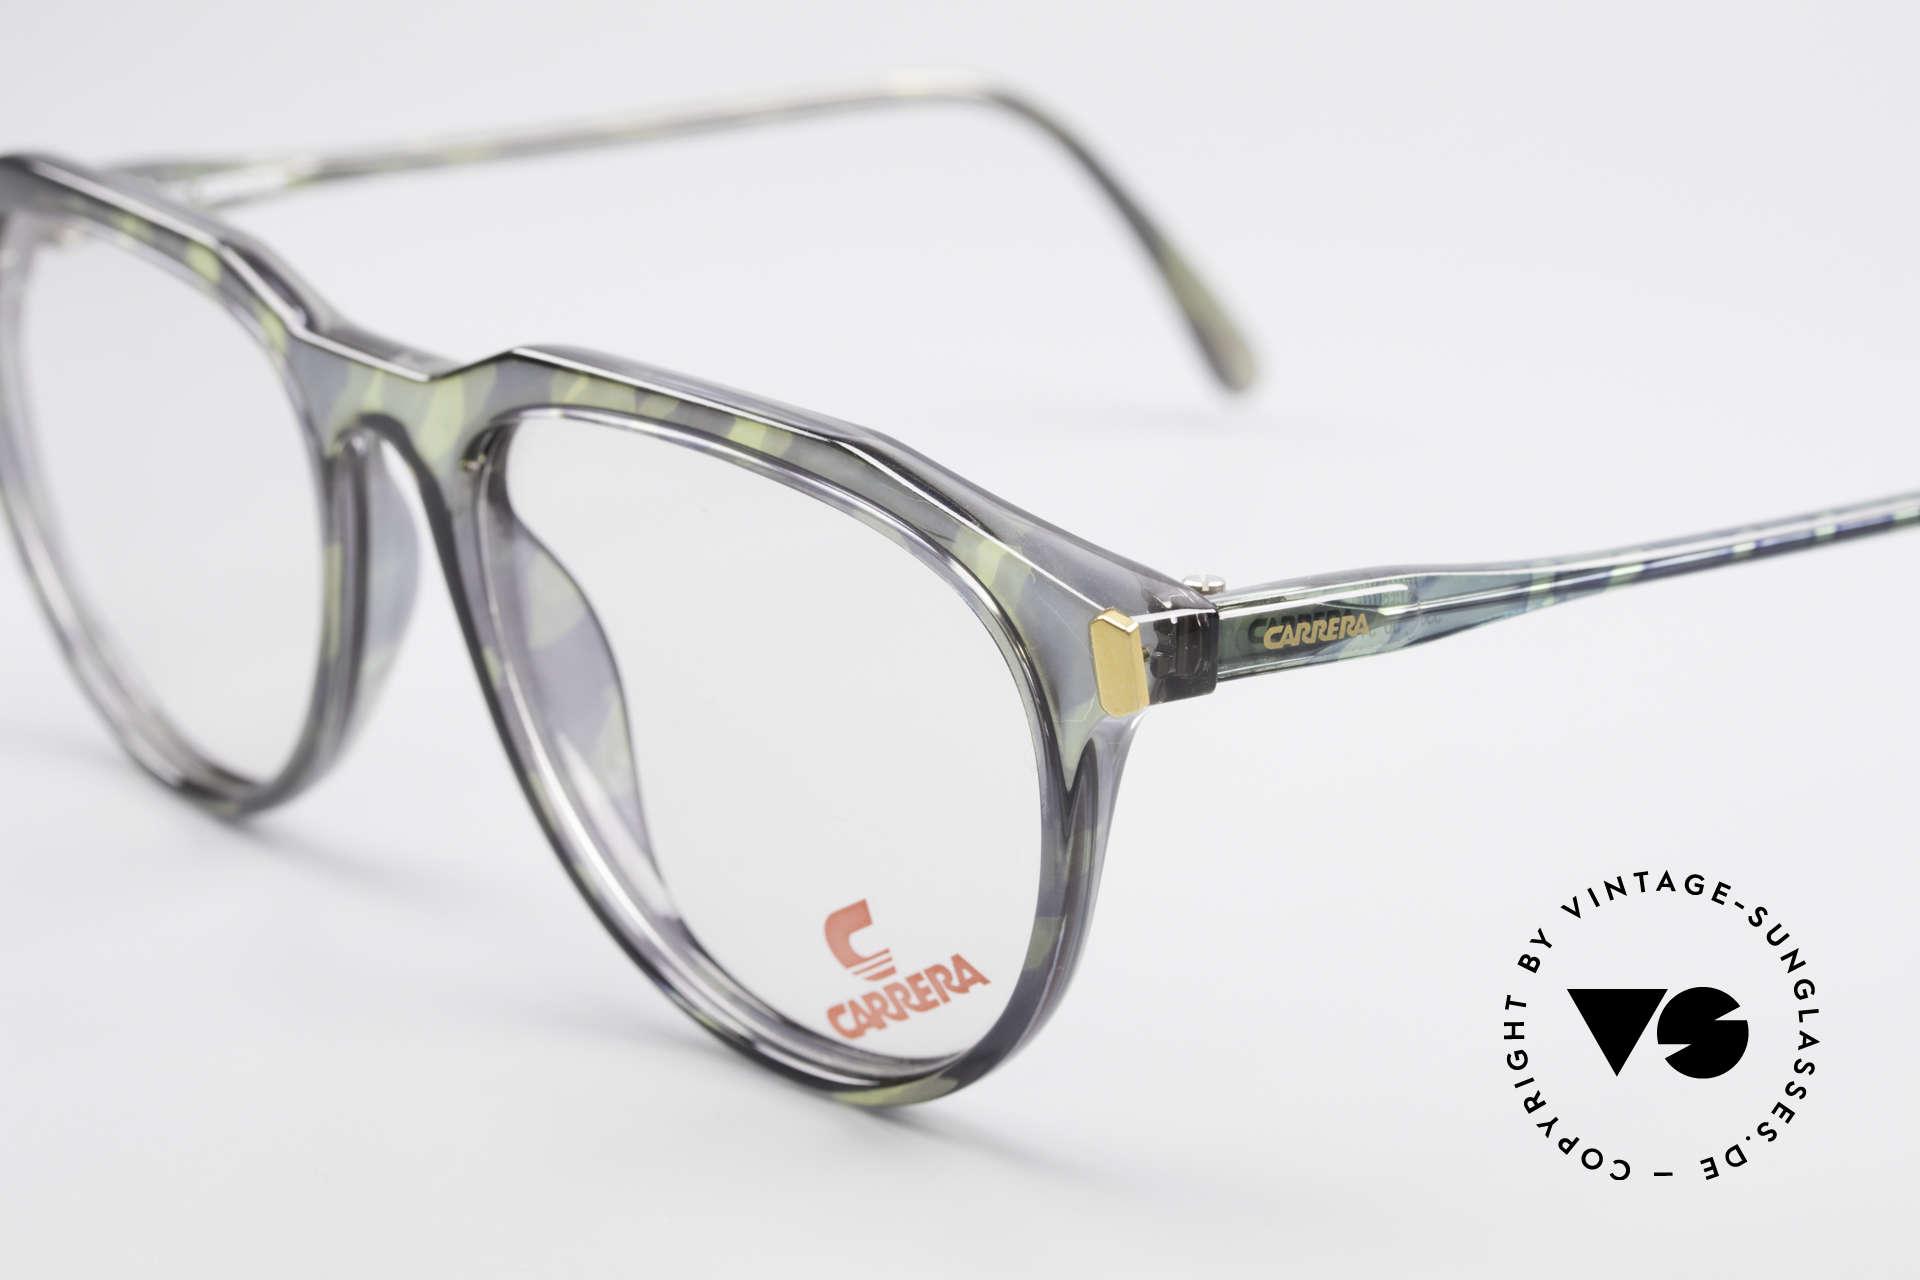 Carrera 5361 Vintage Optyl 90er Panto Brille, OPTYL-Material scheint zudem einfach nicht zu altern, Passend für Herren